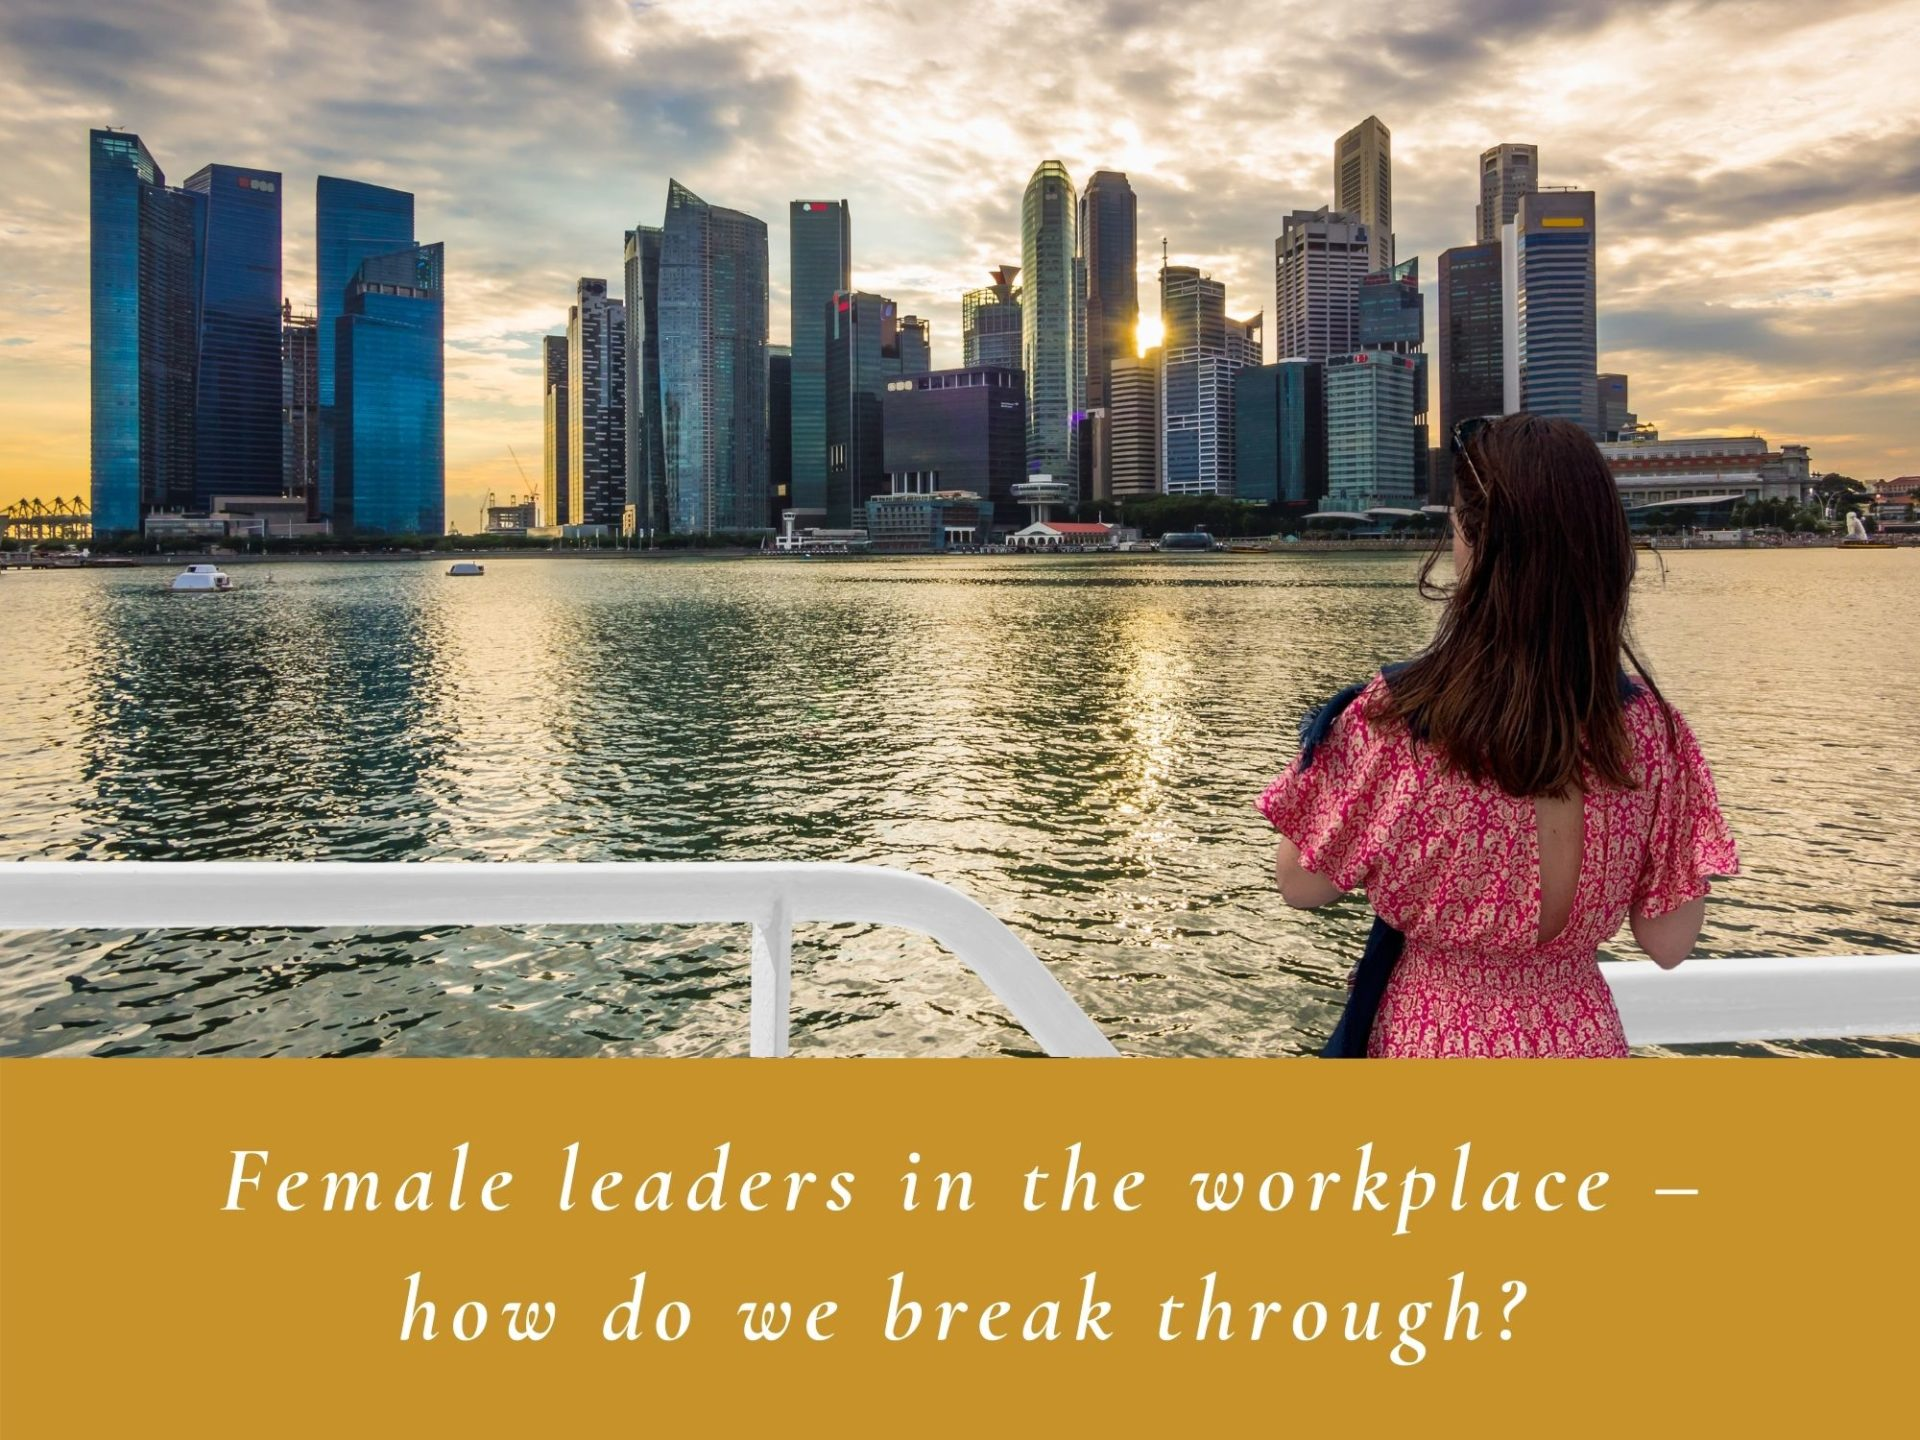 female leaders in the workplace - BRAVING BOUNDARIES